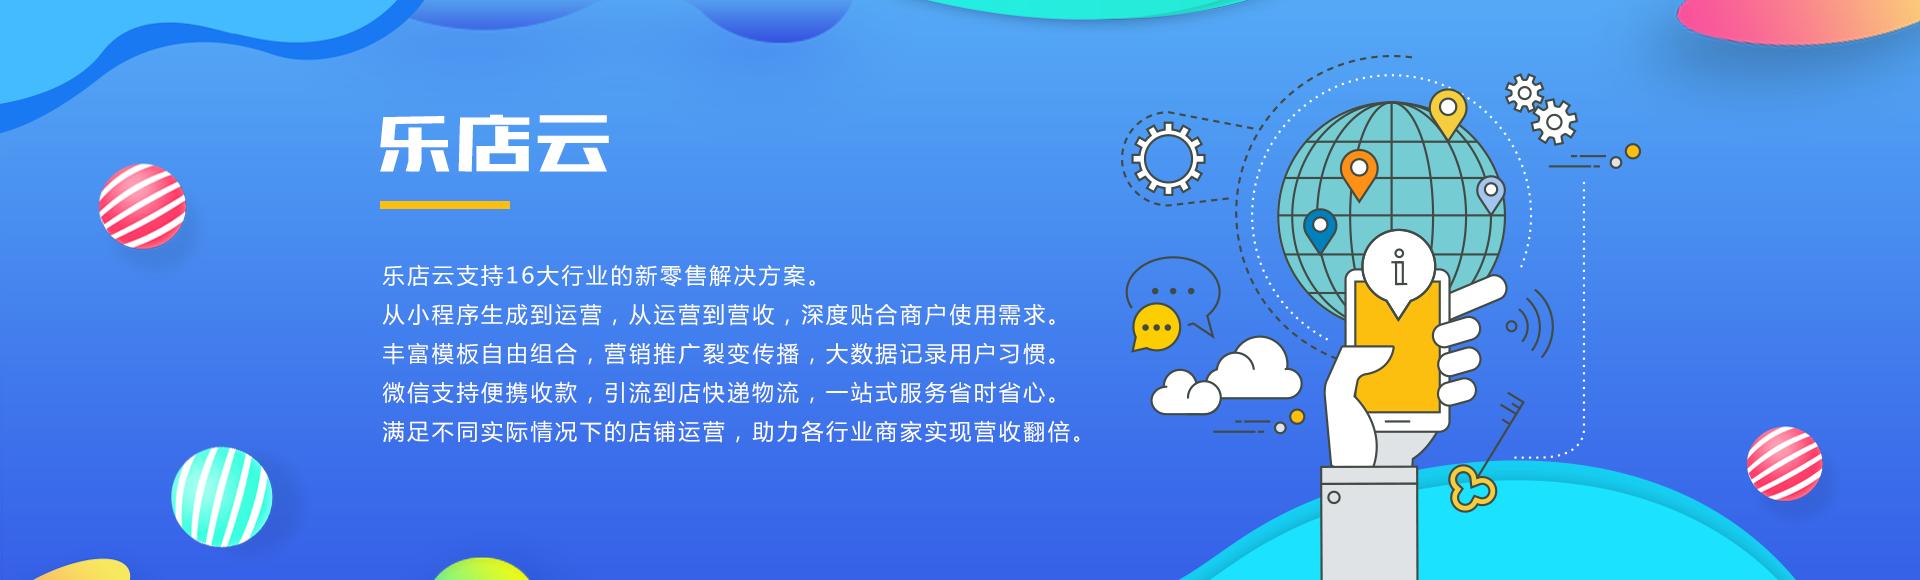 乐店云-小程序商城-新零售解决方案-